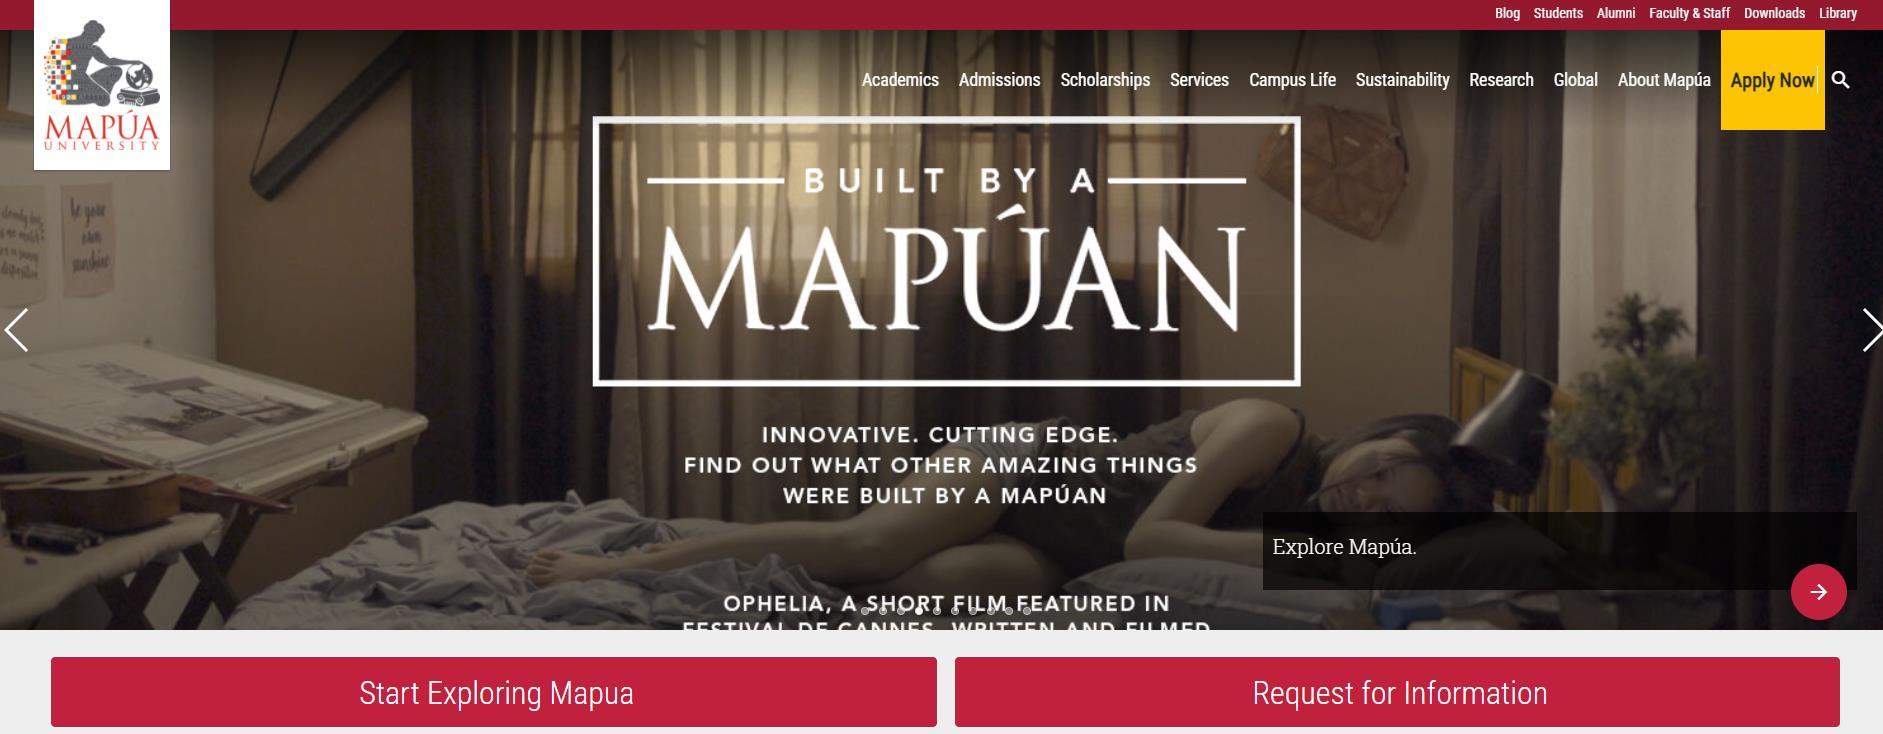 玛布亚科技学院官网 Mapua菲律宾私立学院